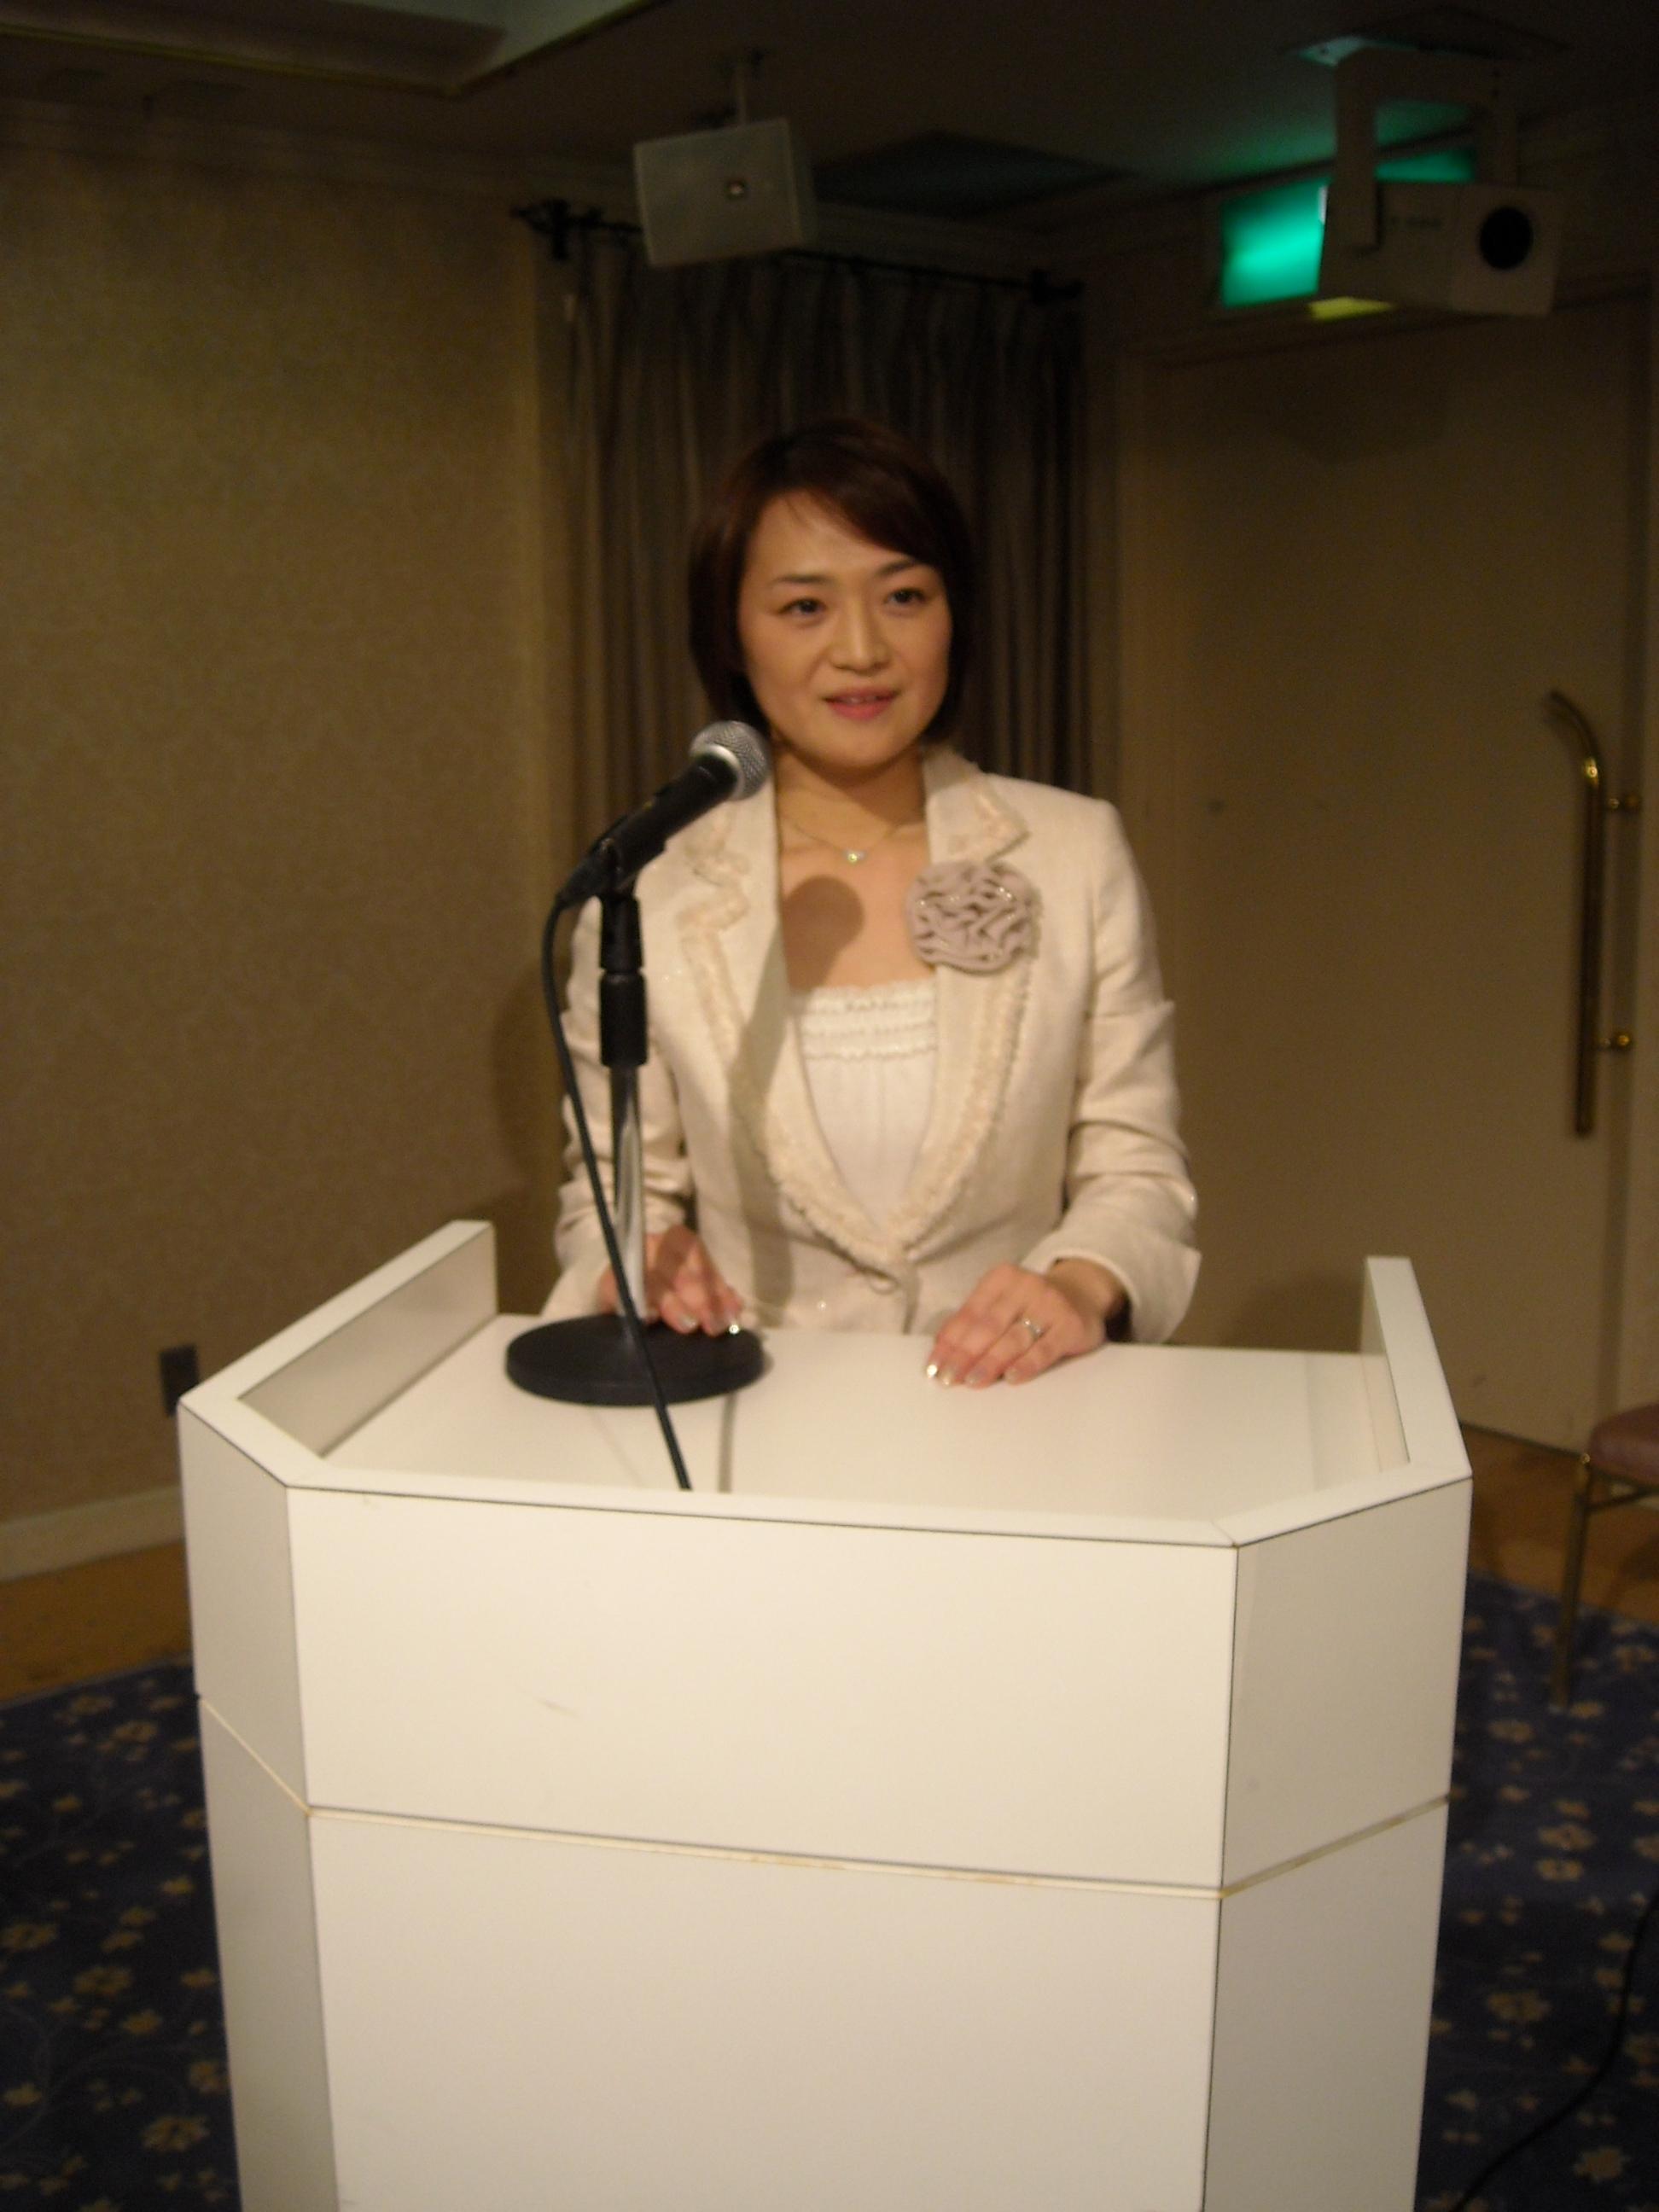 倉島麻帆の応援日記 -倉島麻帆公式ブログ-                        倉島麻帆(まほりん)